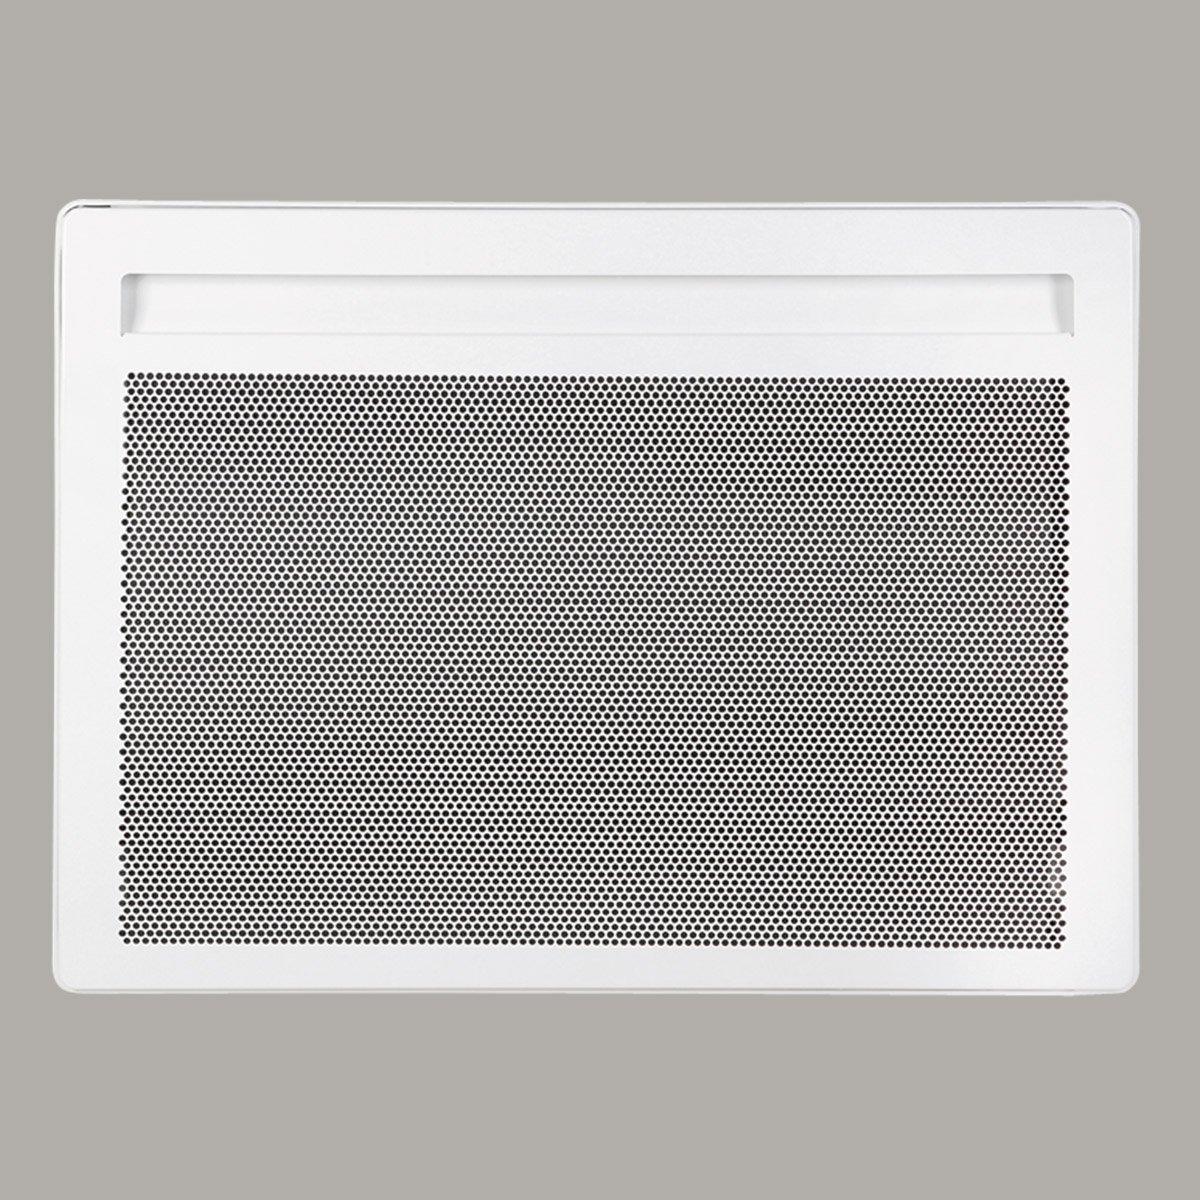 Radiador eléctrico por panel radiante solius 2000w atlantic: Amazon.es: Iluminación